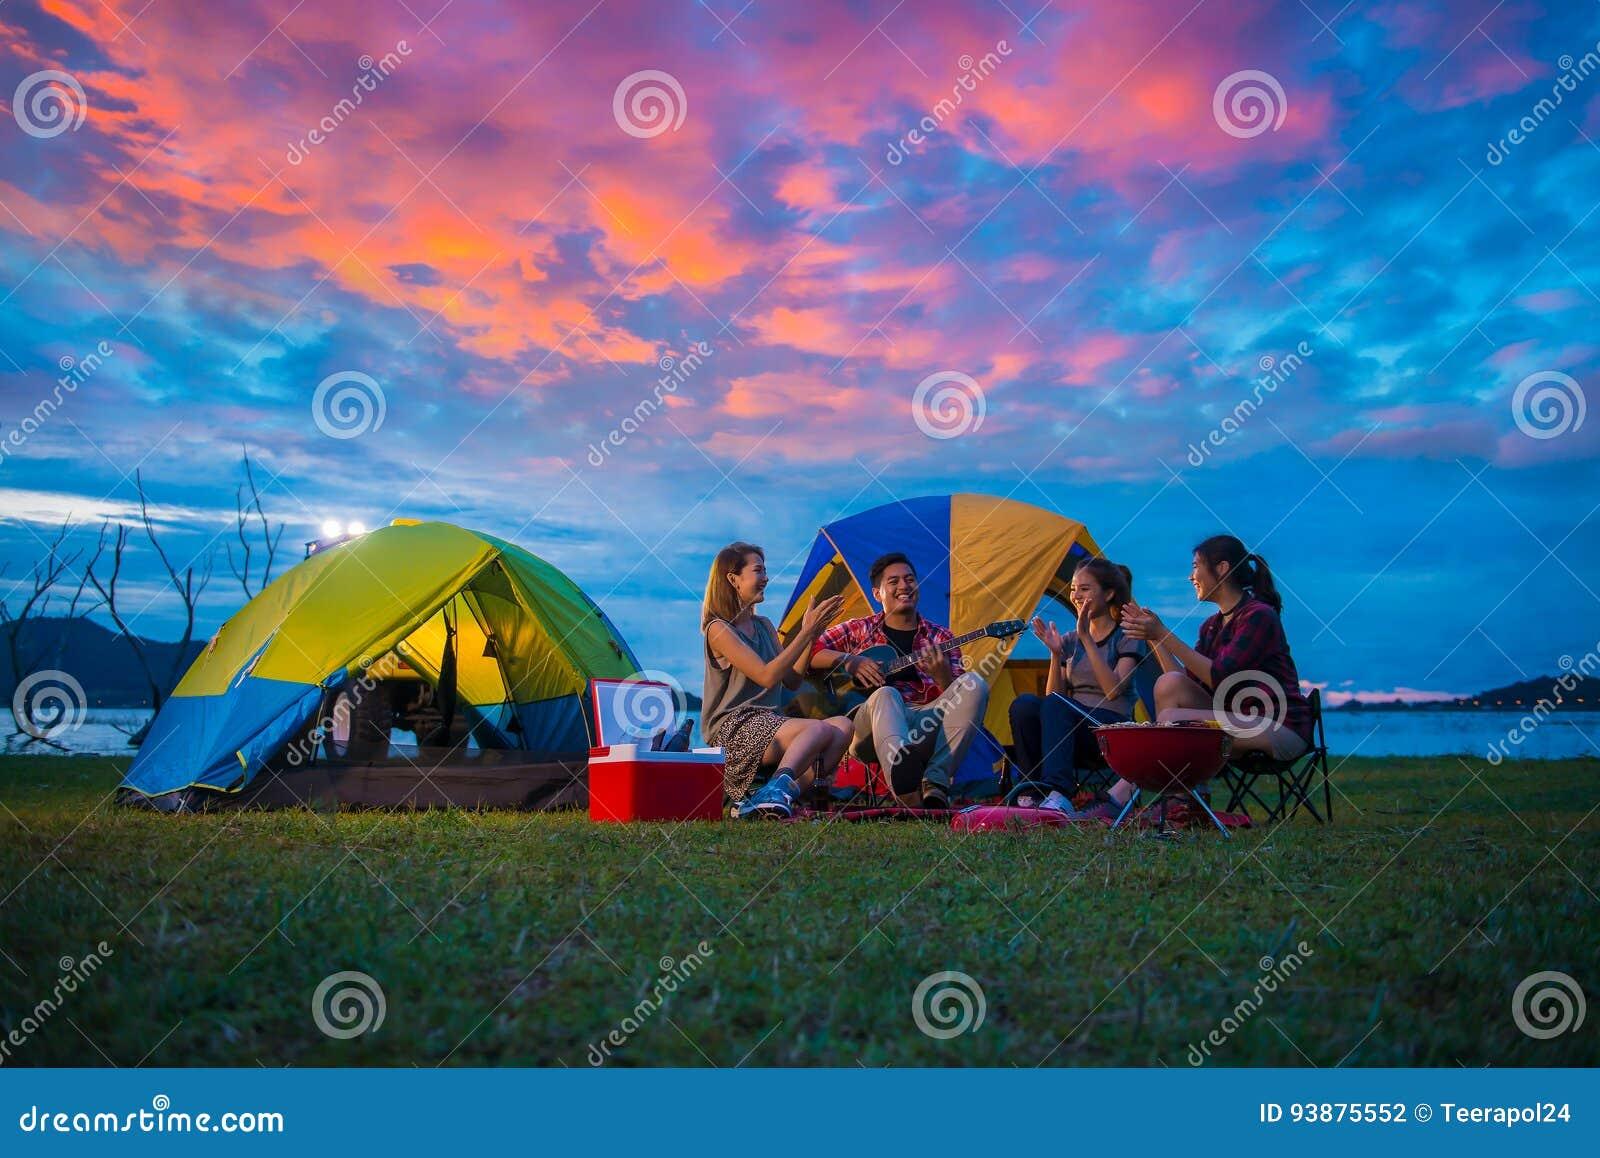 Располагаться лагерем счастливых азиатских молодых путешественников на озере